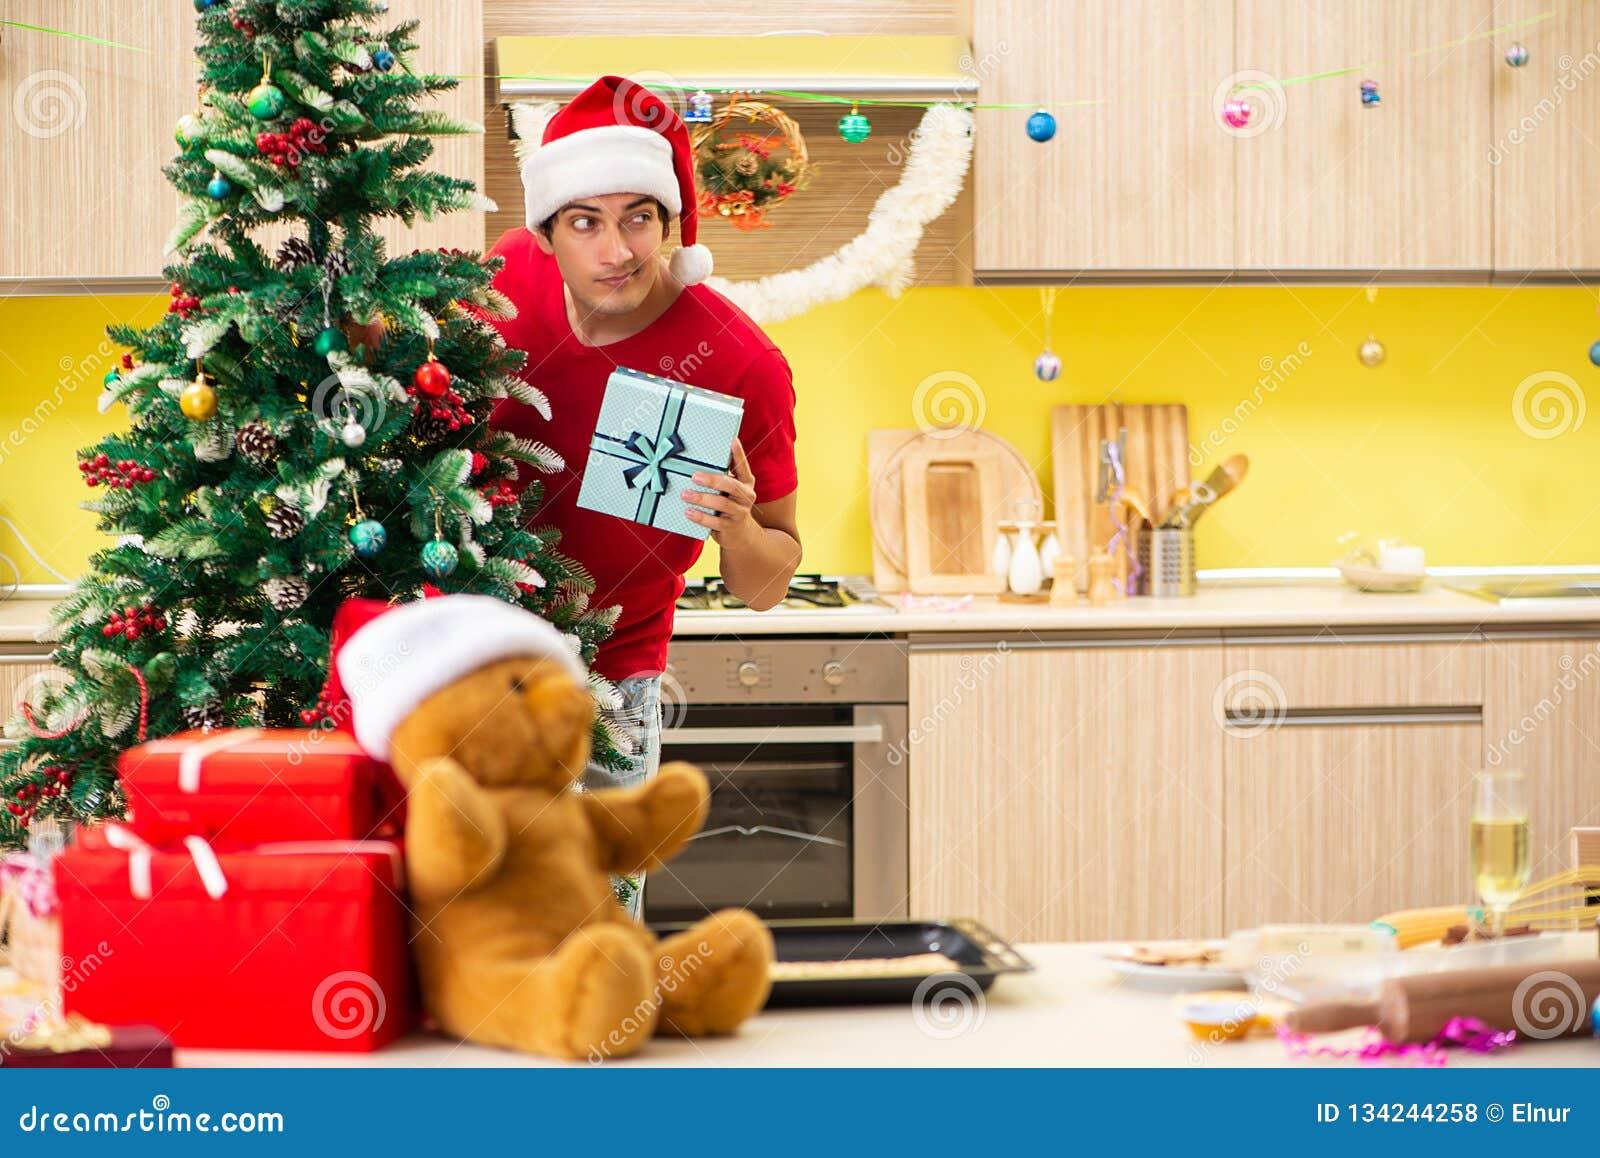 Der junge Mann, der Weihnachten in der Küche feiert